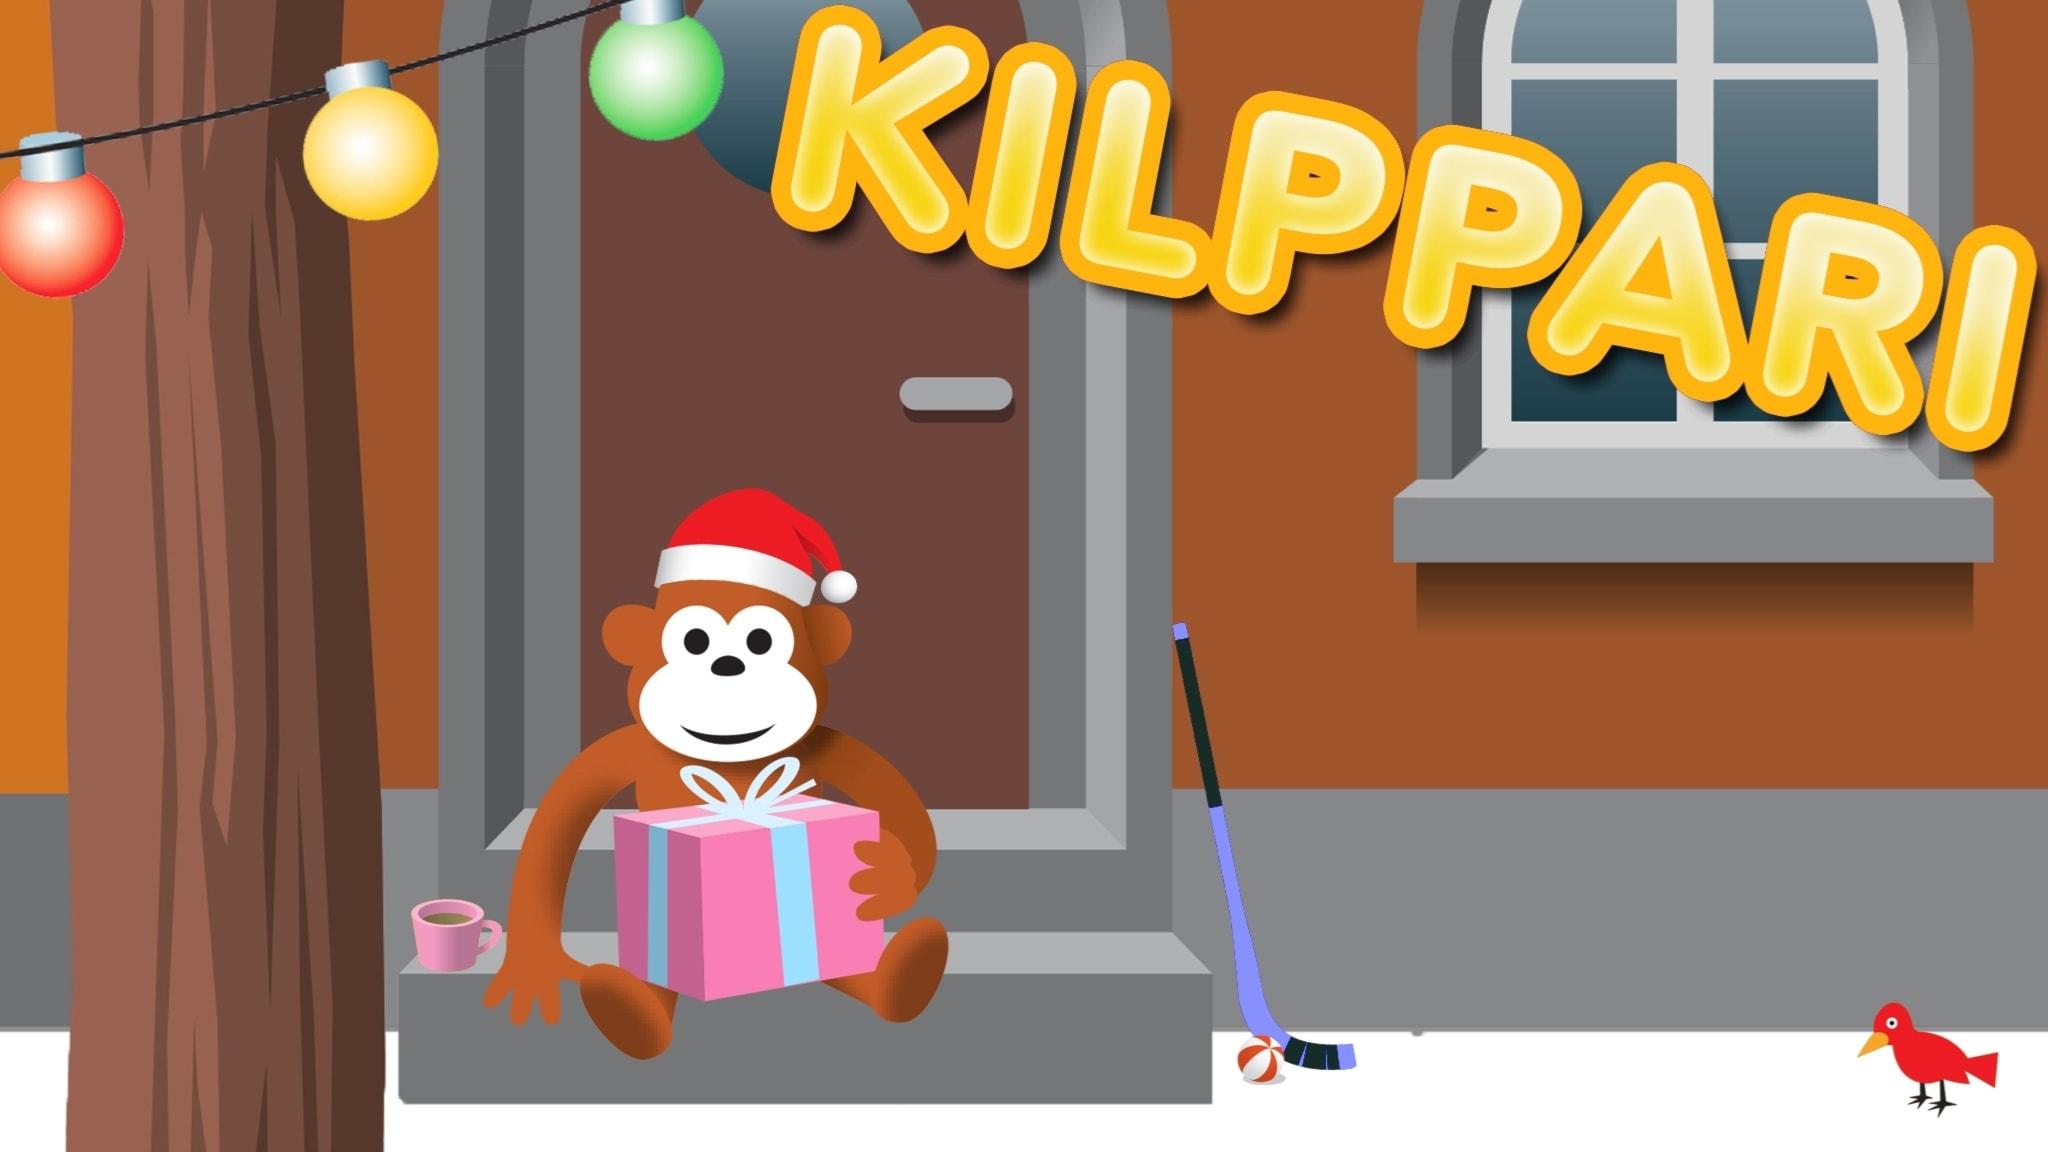 Kauden viimeinen Kilppari